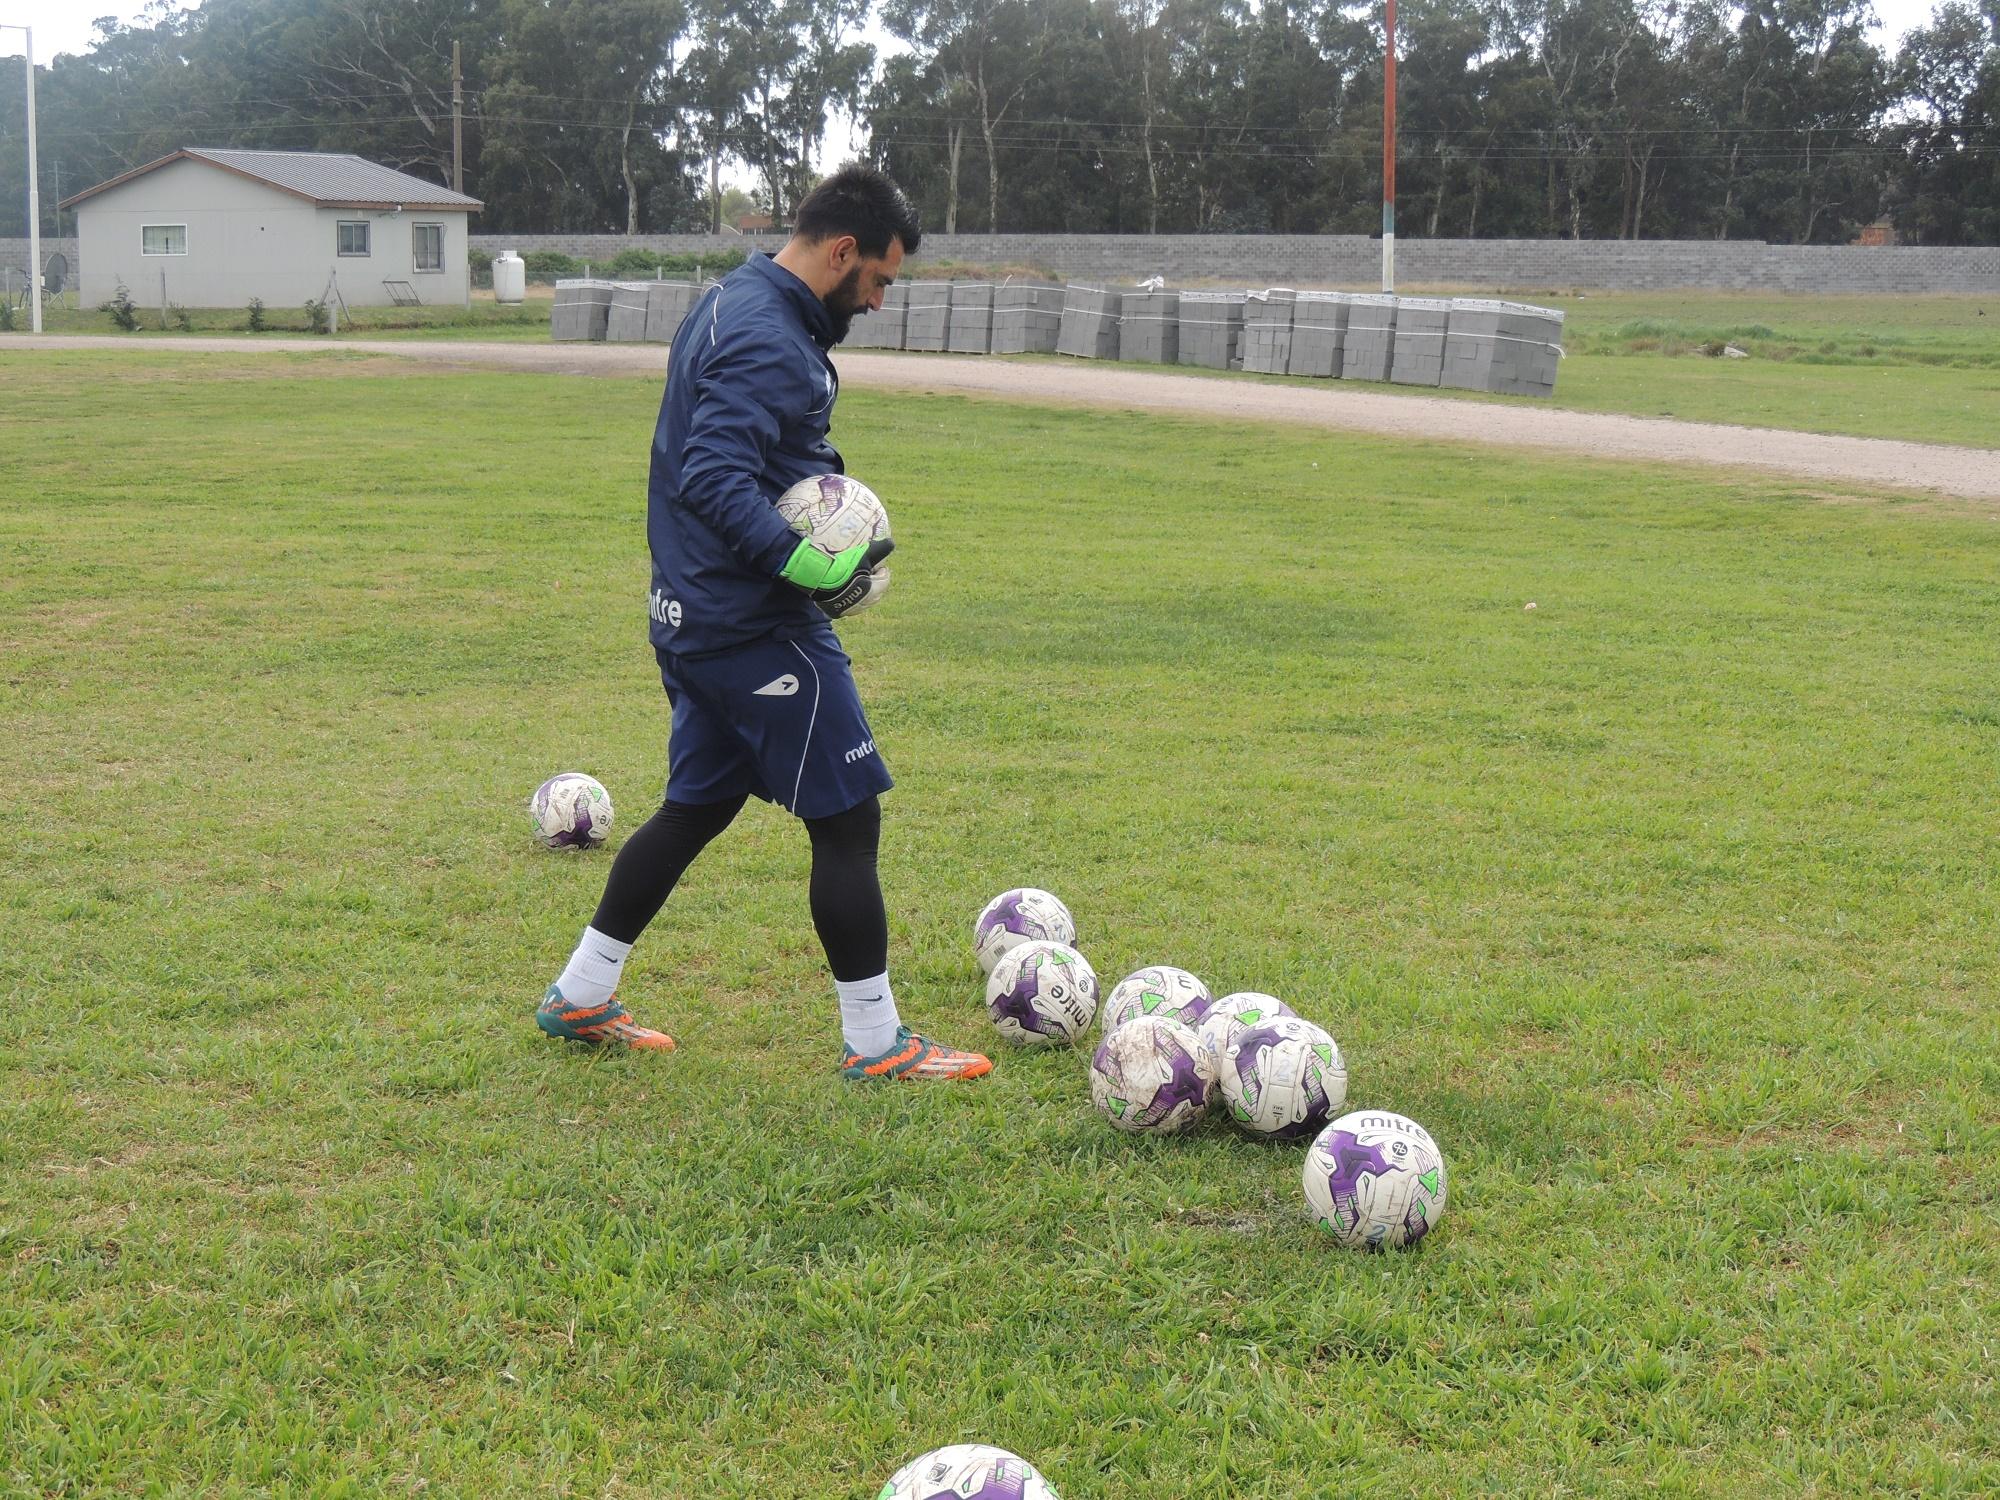 El entrenador de arqueros de Alvarado, Emiliano Torresani. (Foto: Prensa Alvarado)